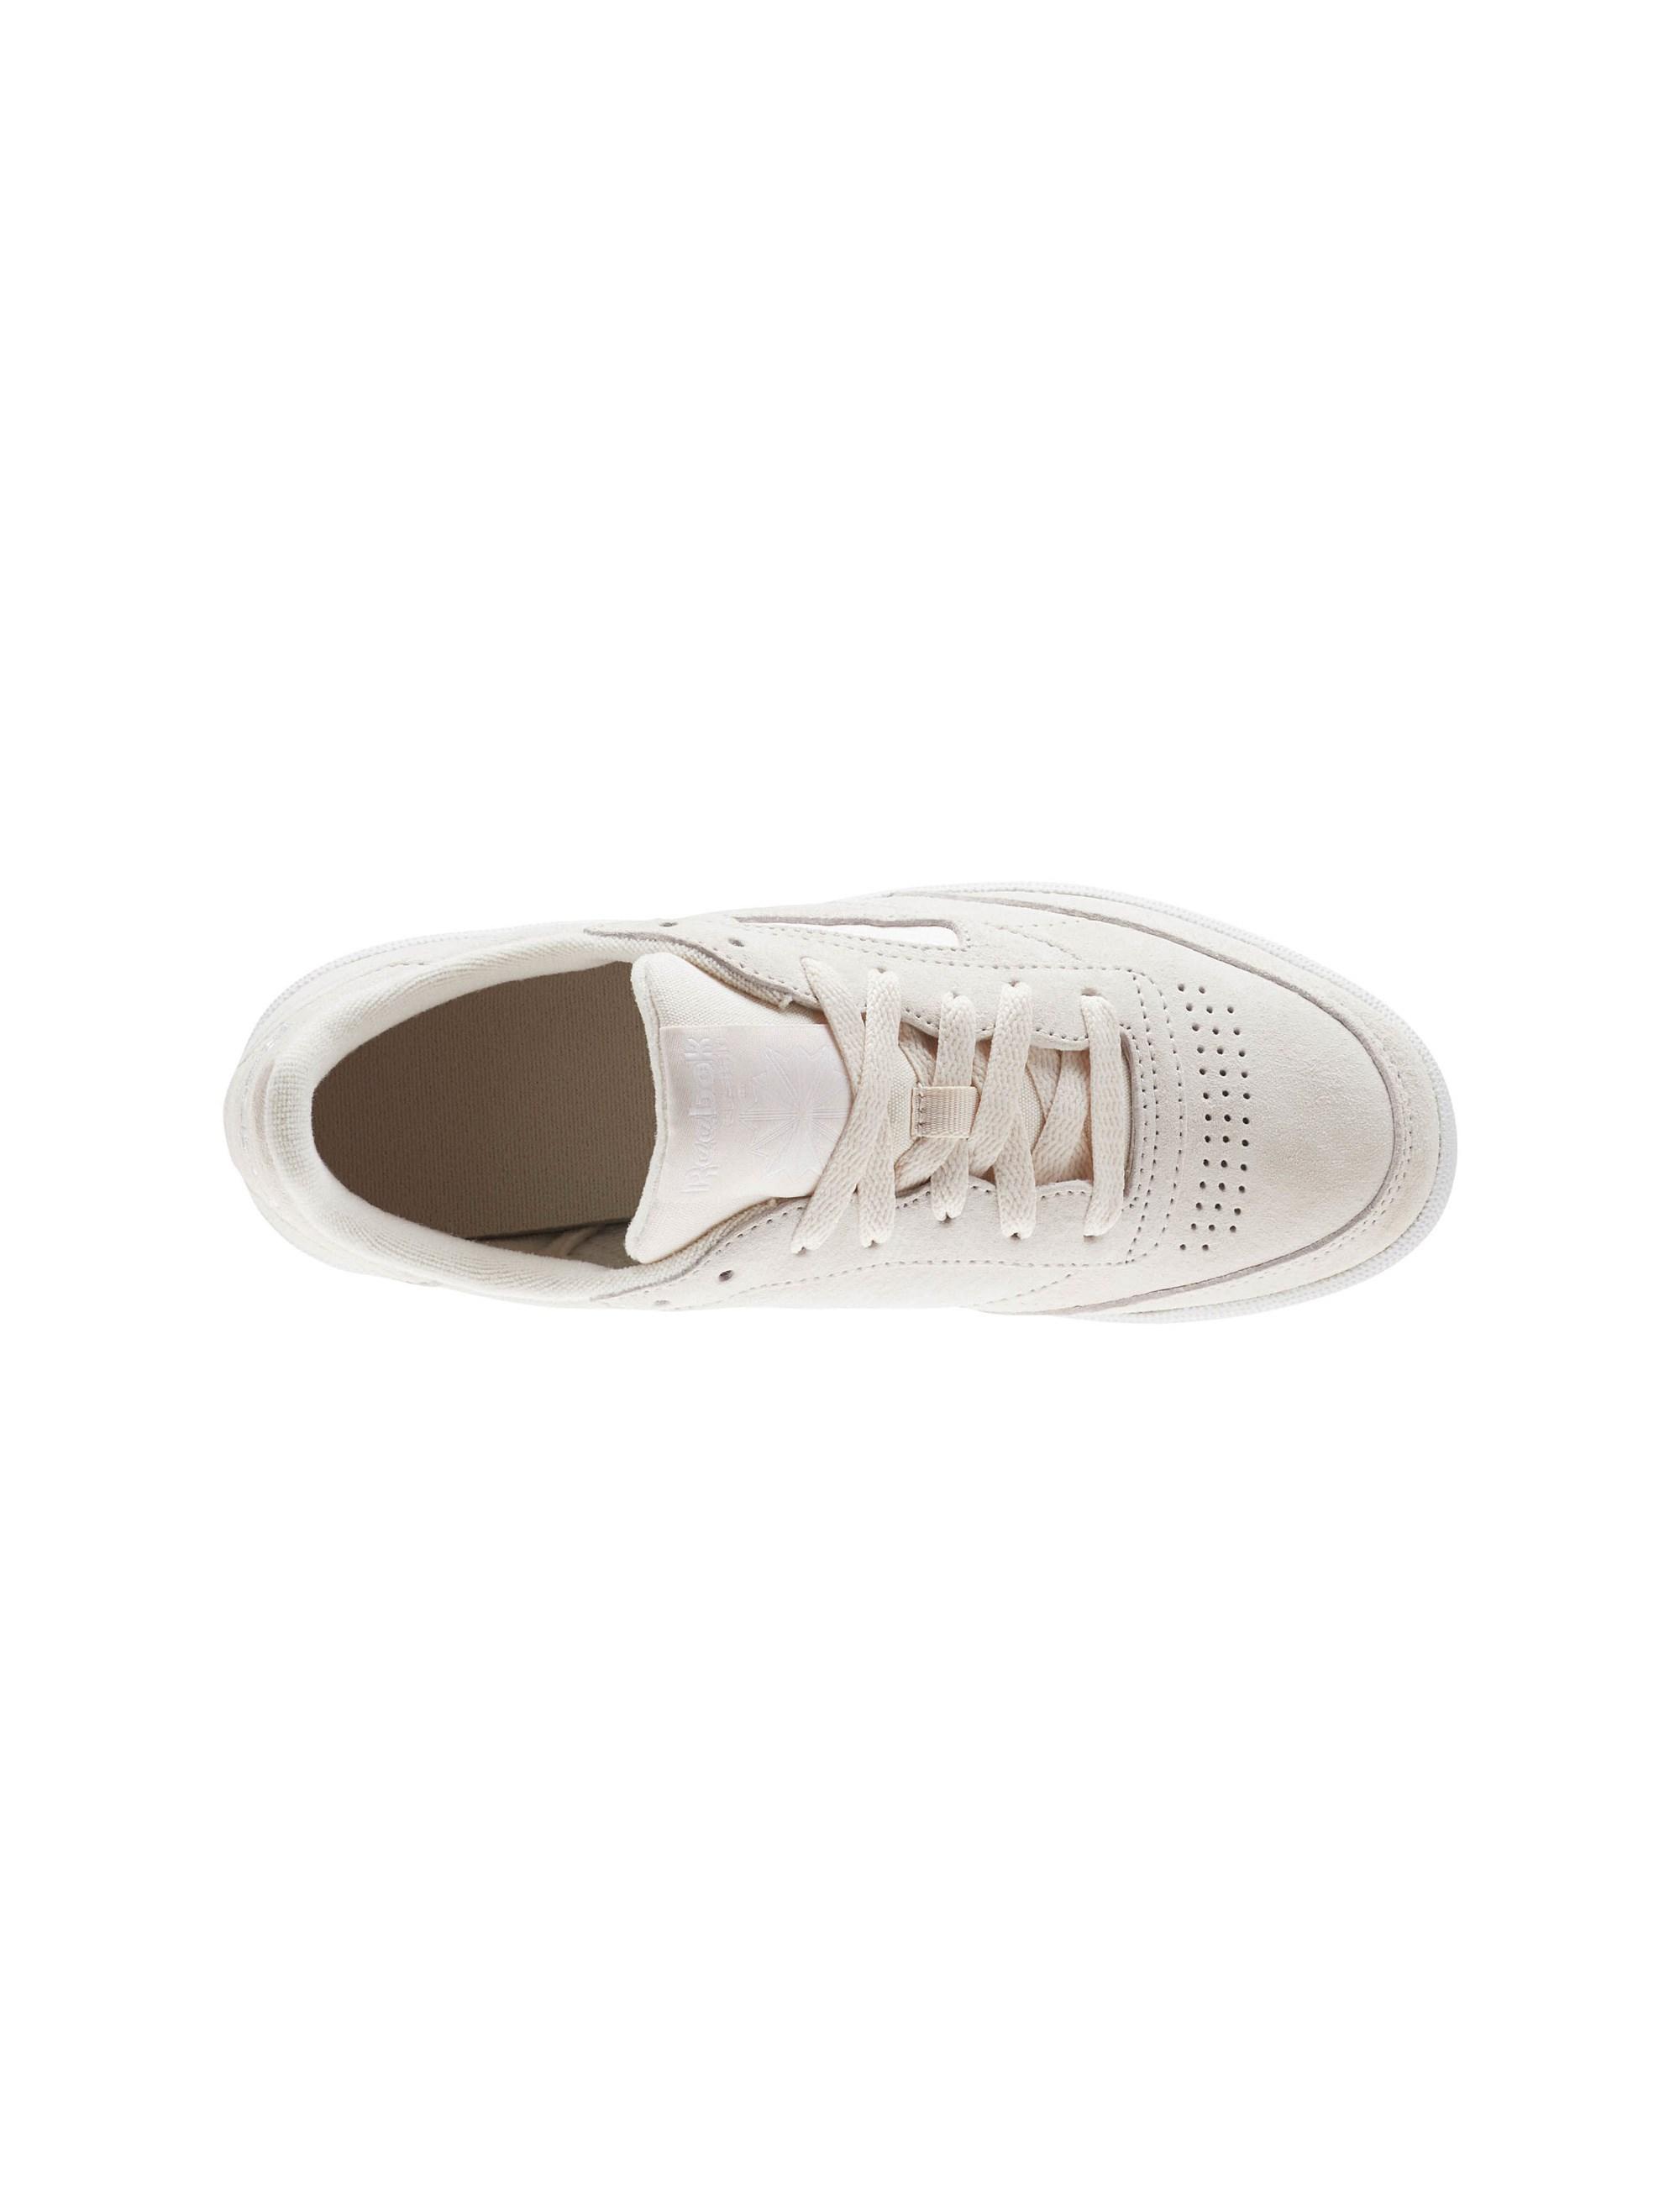 کفش زنانه ریباک مدل CLUB C 85 - صورتي روشن - 3